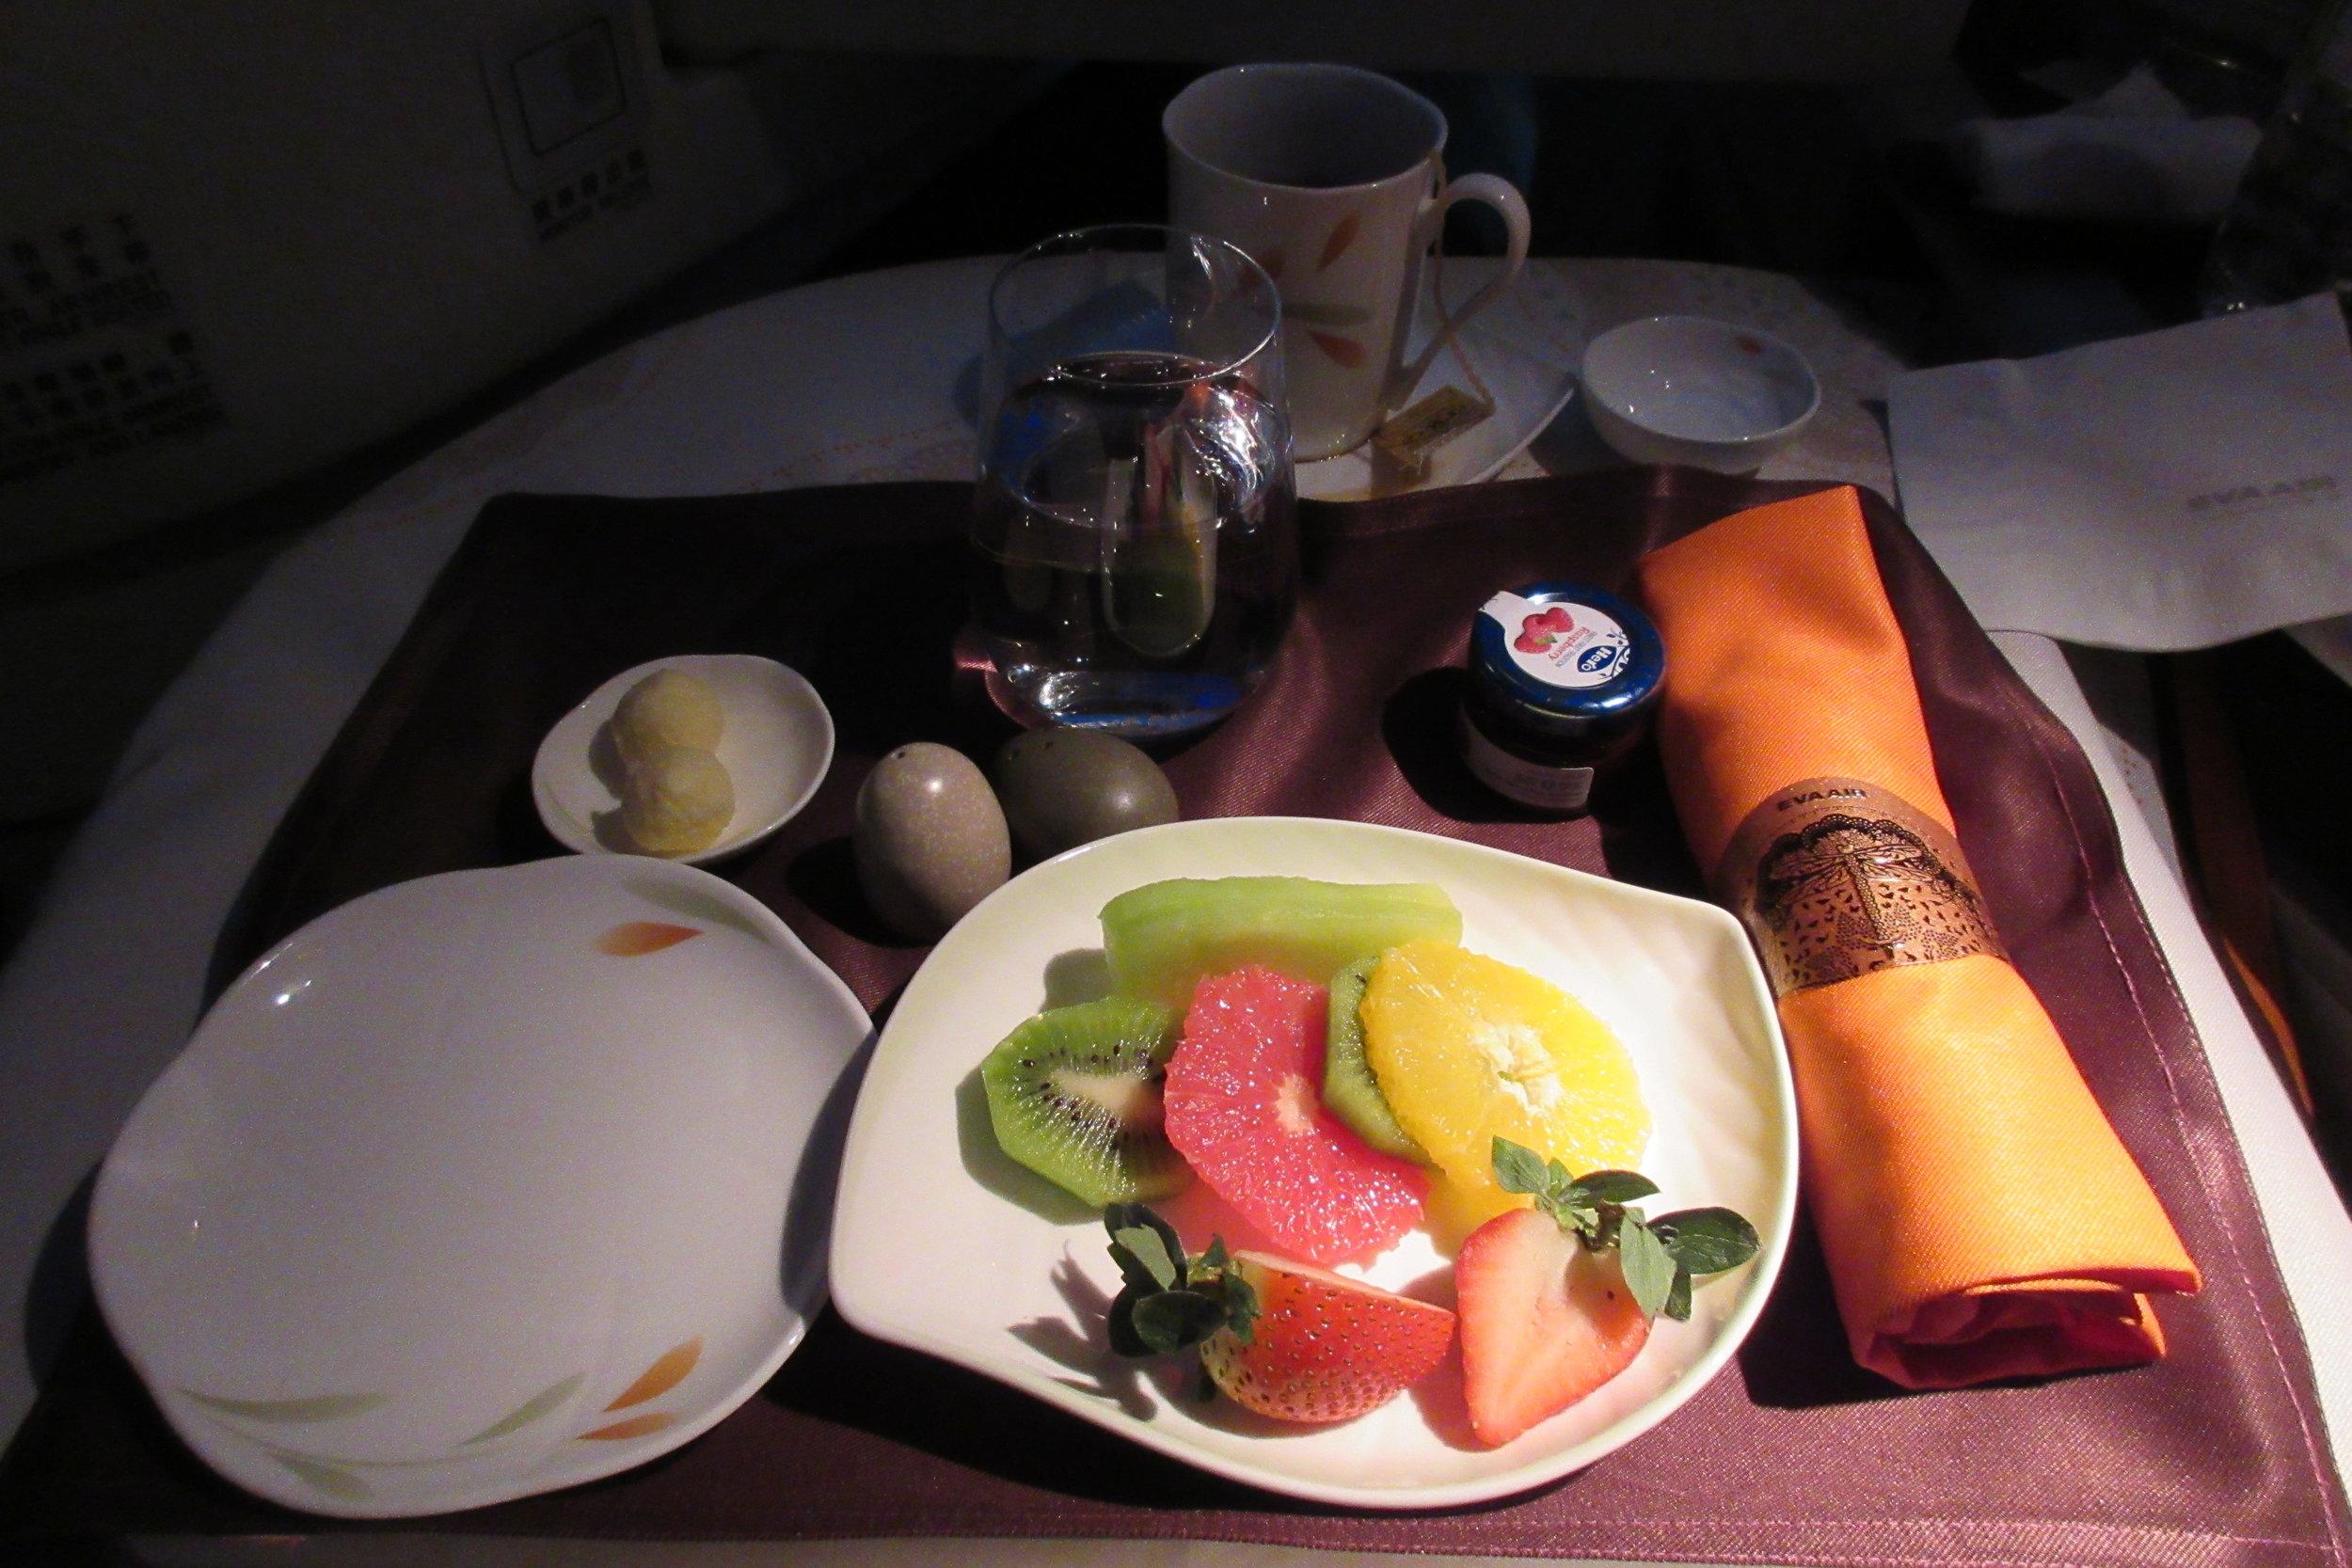 EVA Air business class Toronto to Taipei – Fruit plate